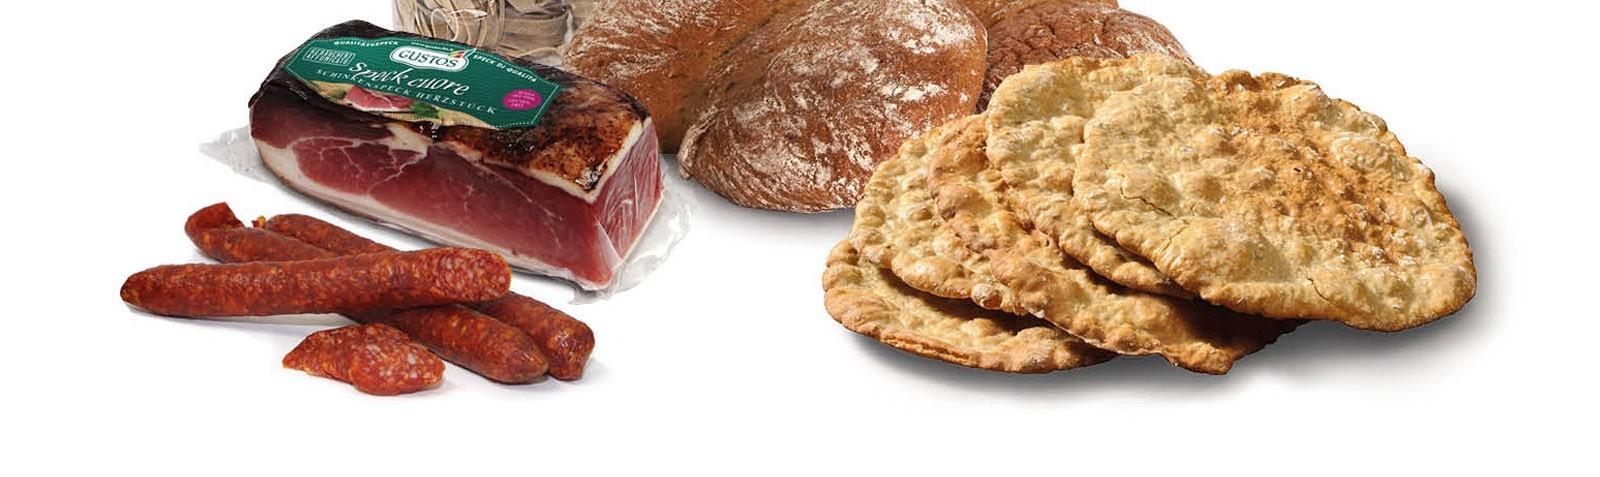 Verkostungspakete zum Entdecken der Südtiroler Küche